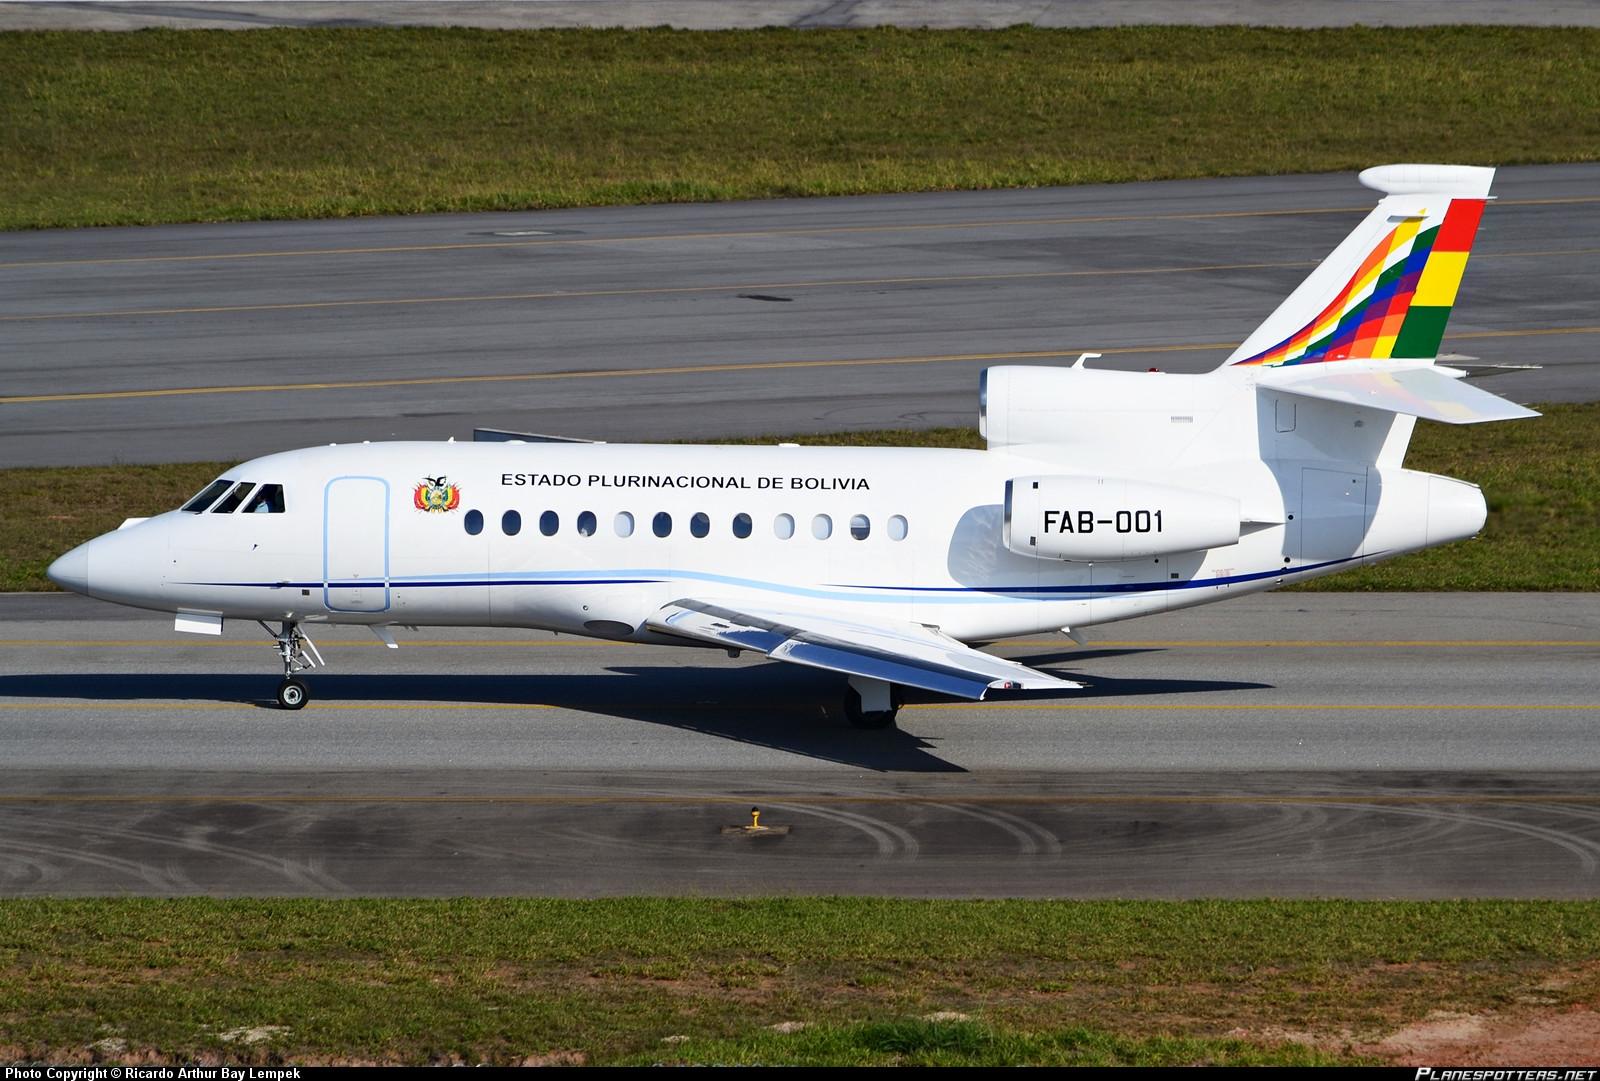 Украина. Государственное авиапредприятие «Украина», обслуживающее первых лиц страны по состоянию на